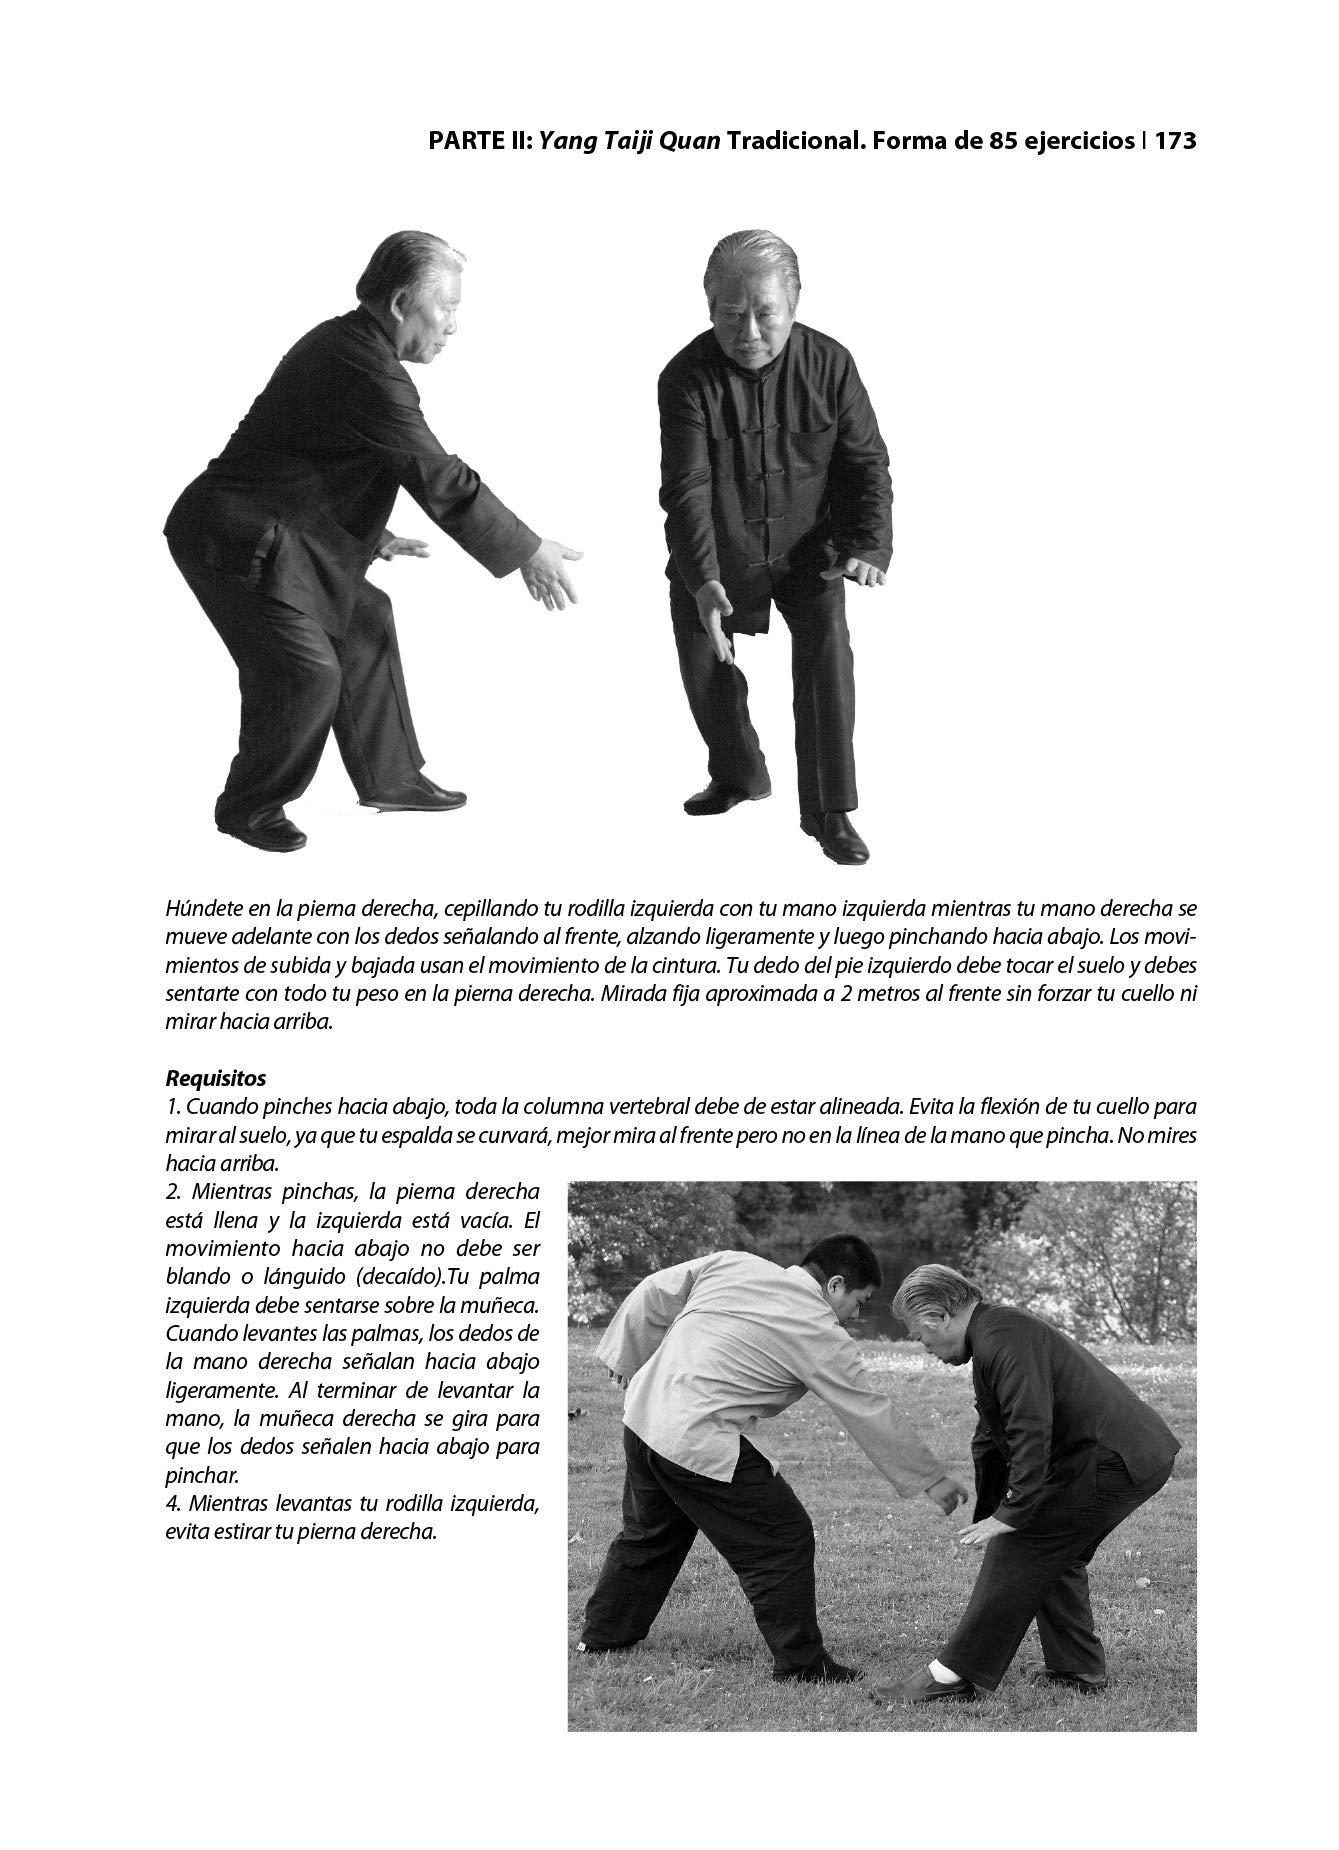 El auténcico Taiji de la familia Yang : instrucciones paso a paso: JOSÉ; G.M. FU SHENG YUAN GAGO GARRIDO: 9788420305196: Amazon.com: Books